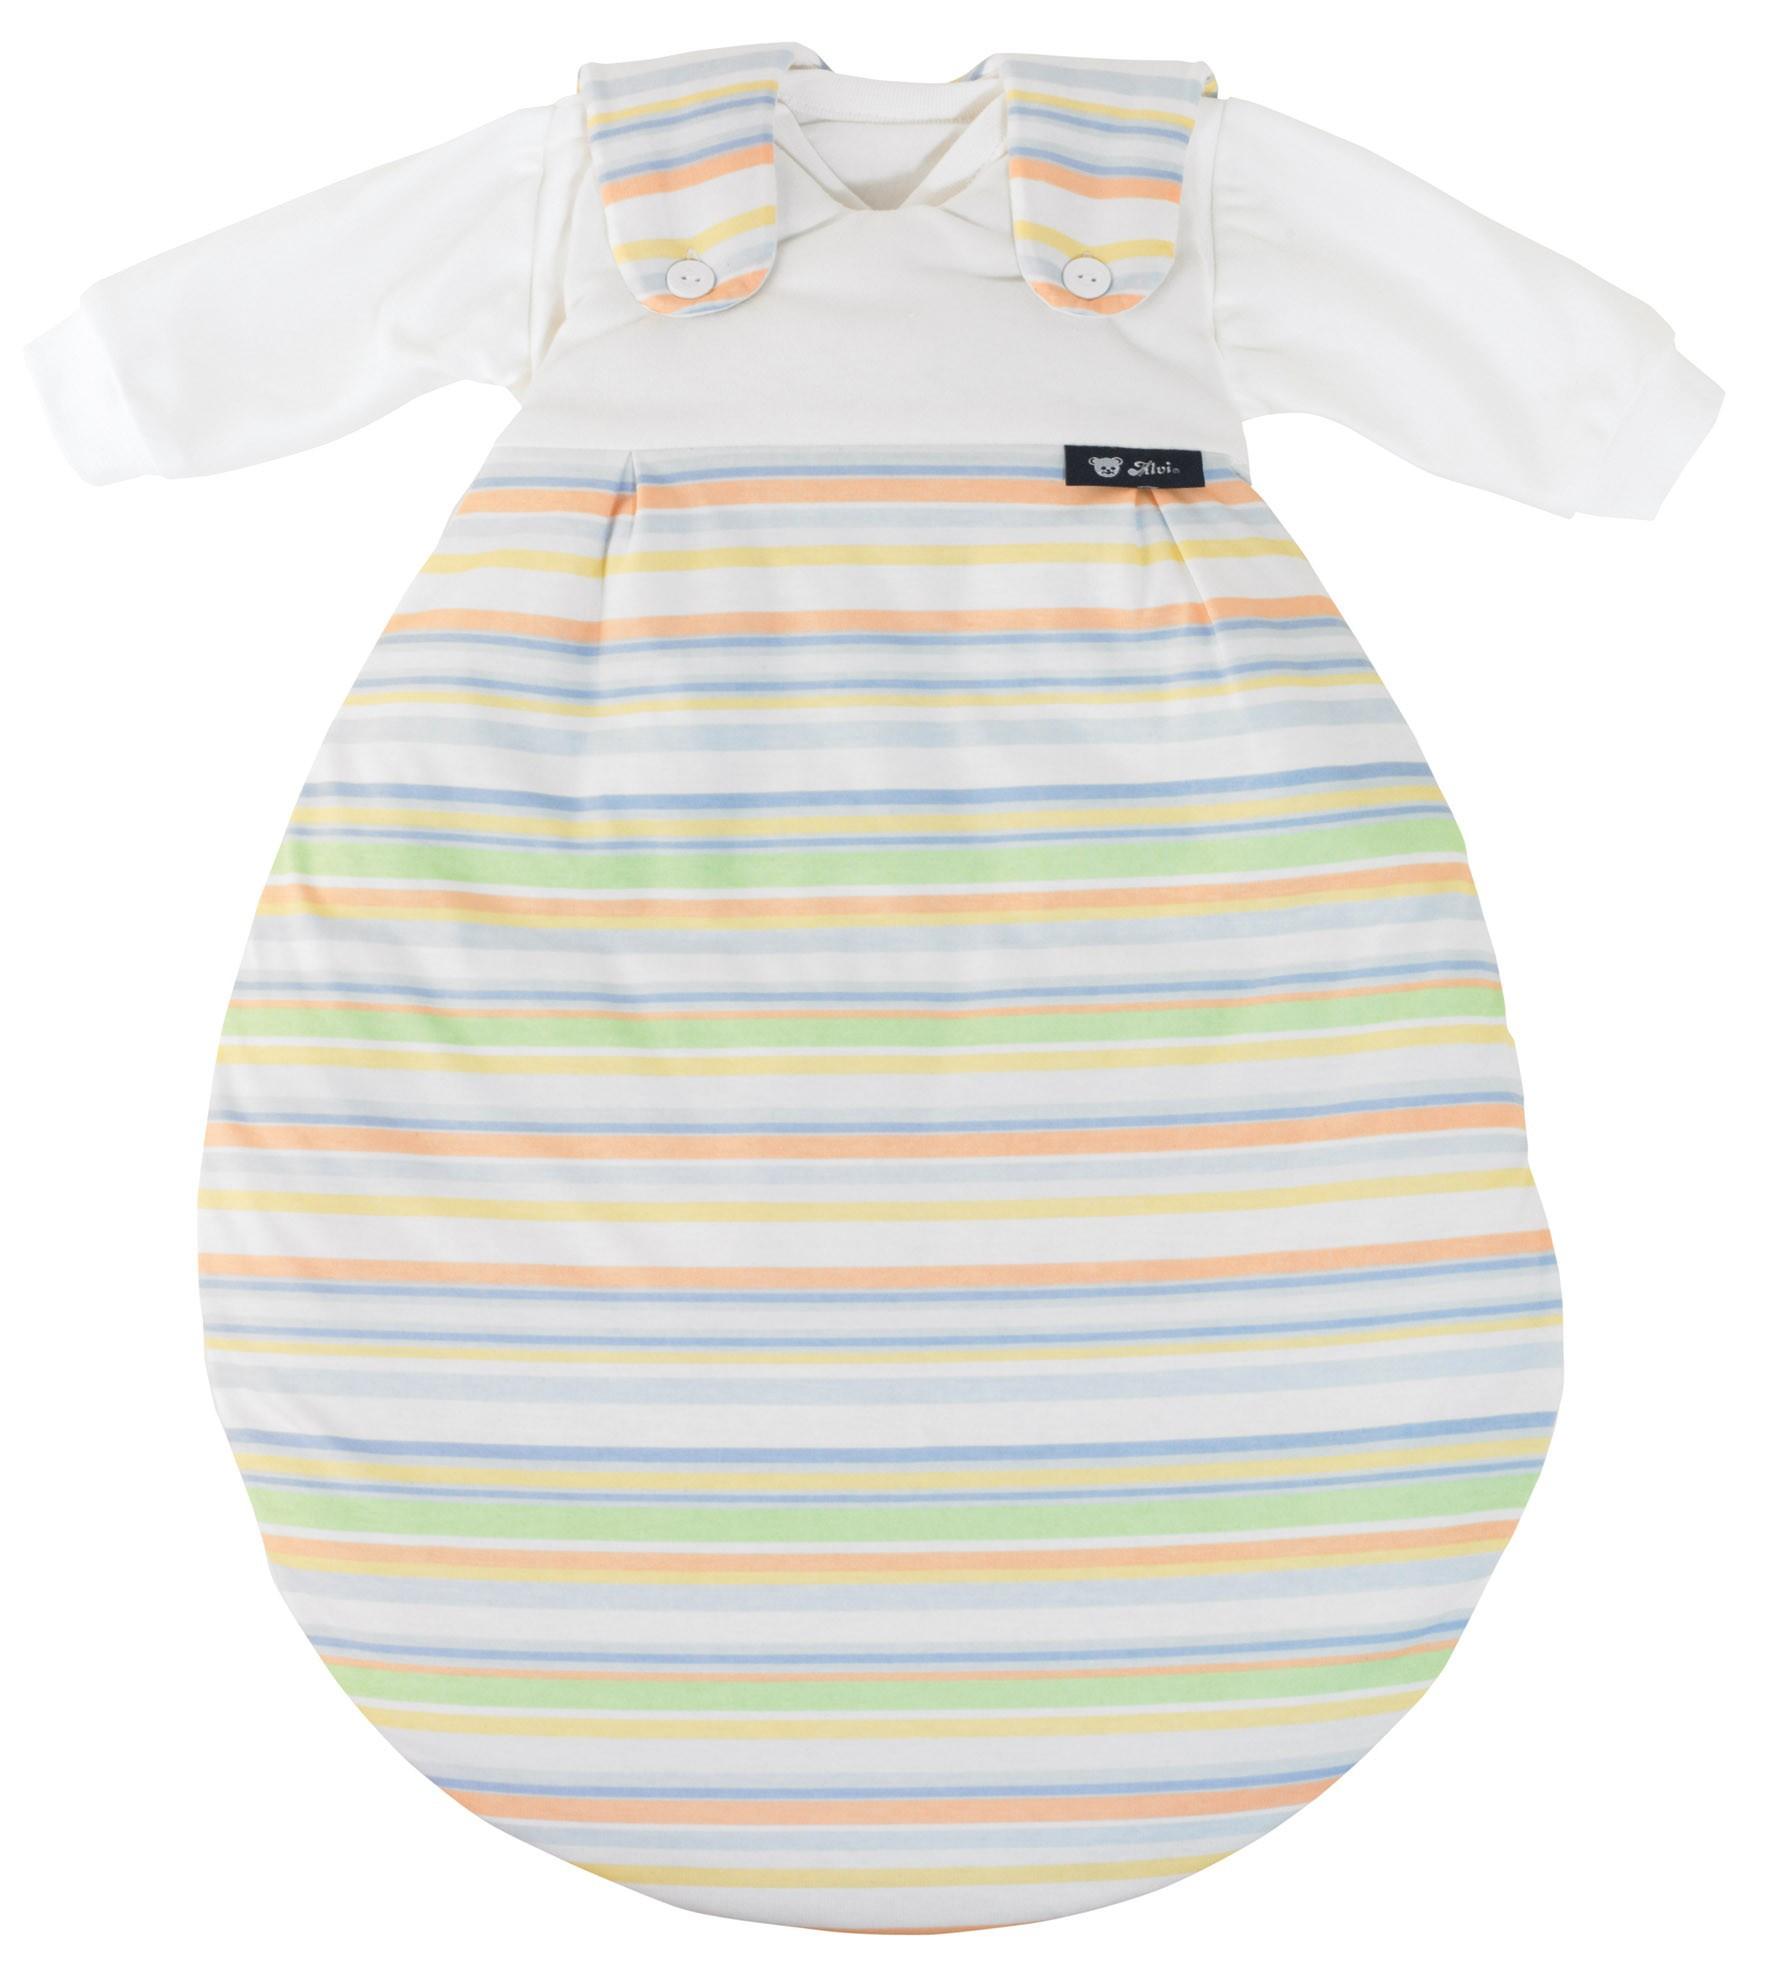 Alvi Baby Mäxchen Außensack bunter Streifen blau Größe 56/62 118-0